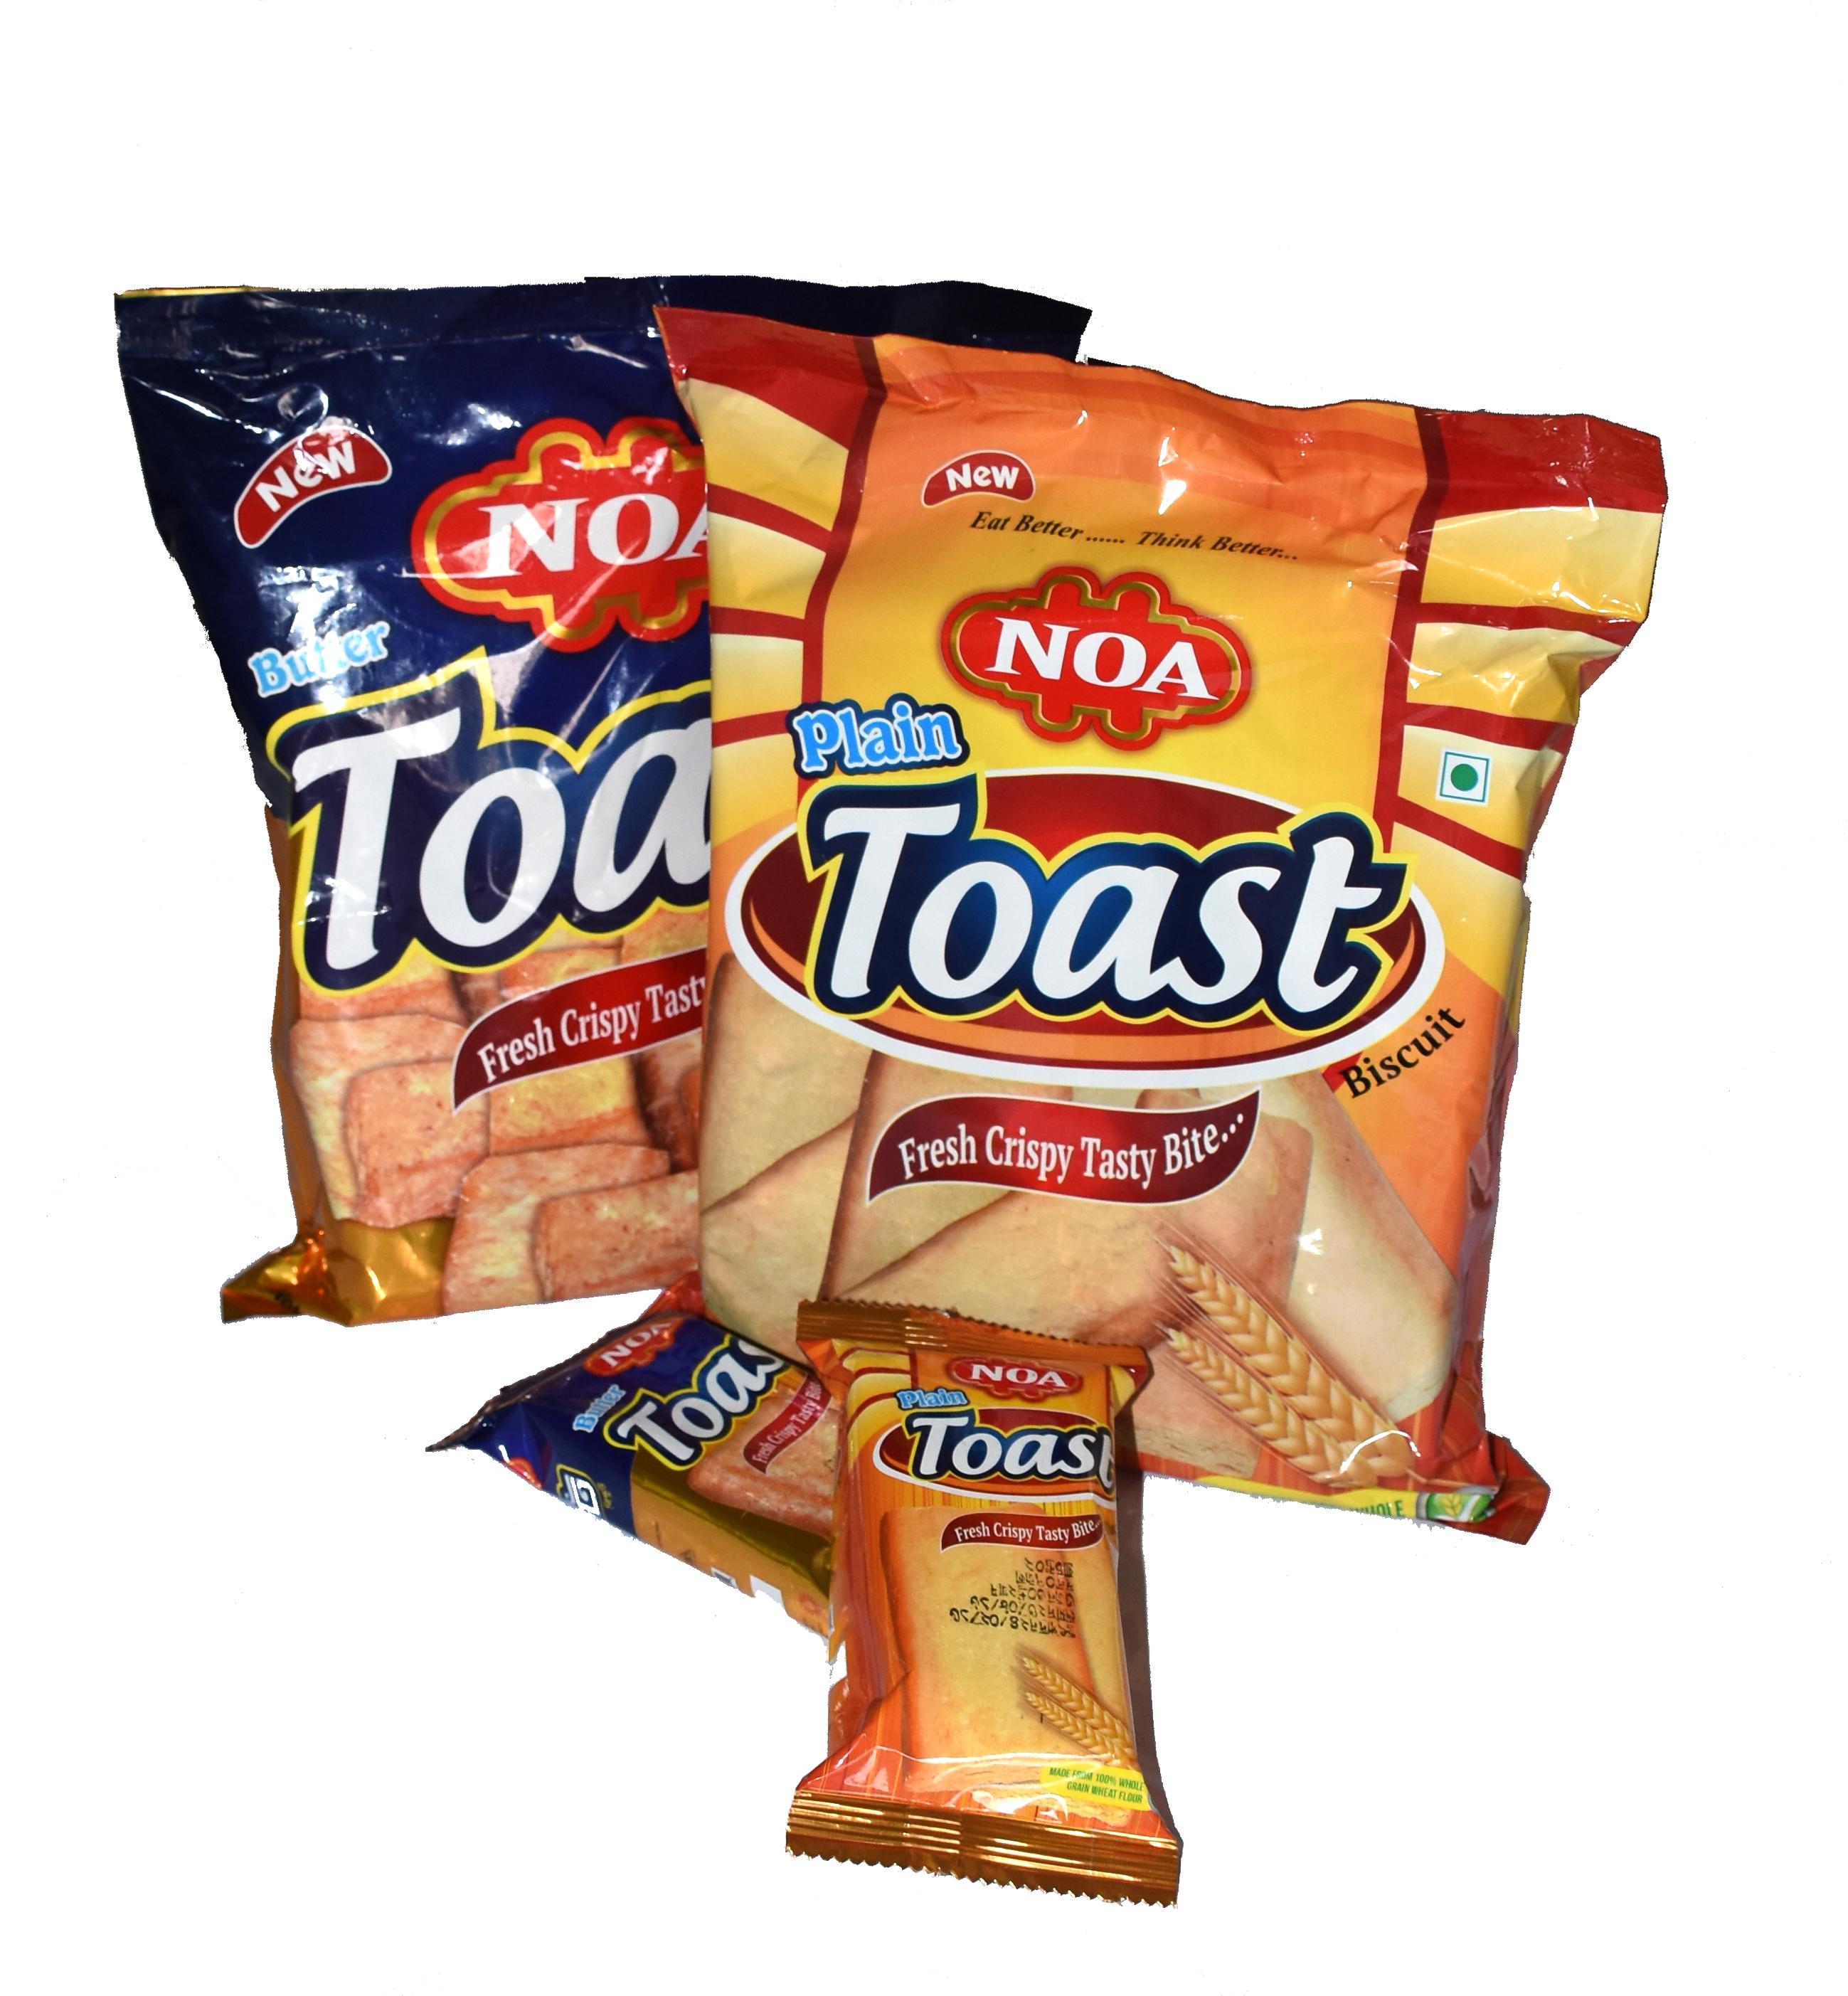 Noa Plain Toast & Butter Toast